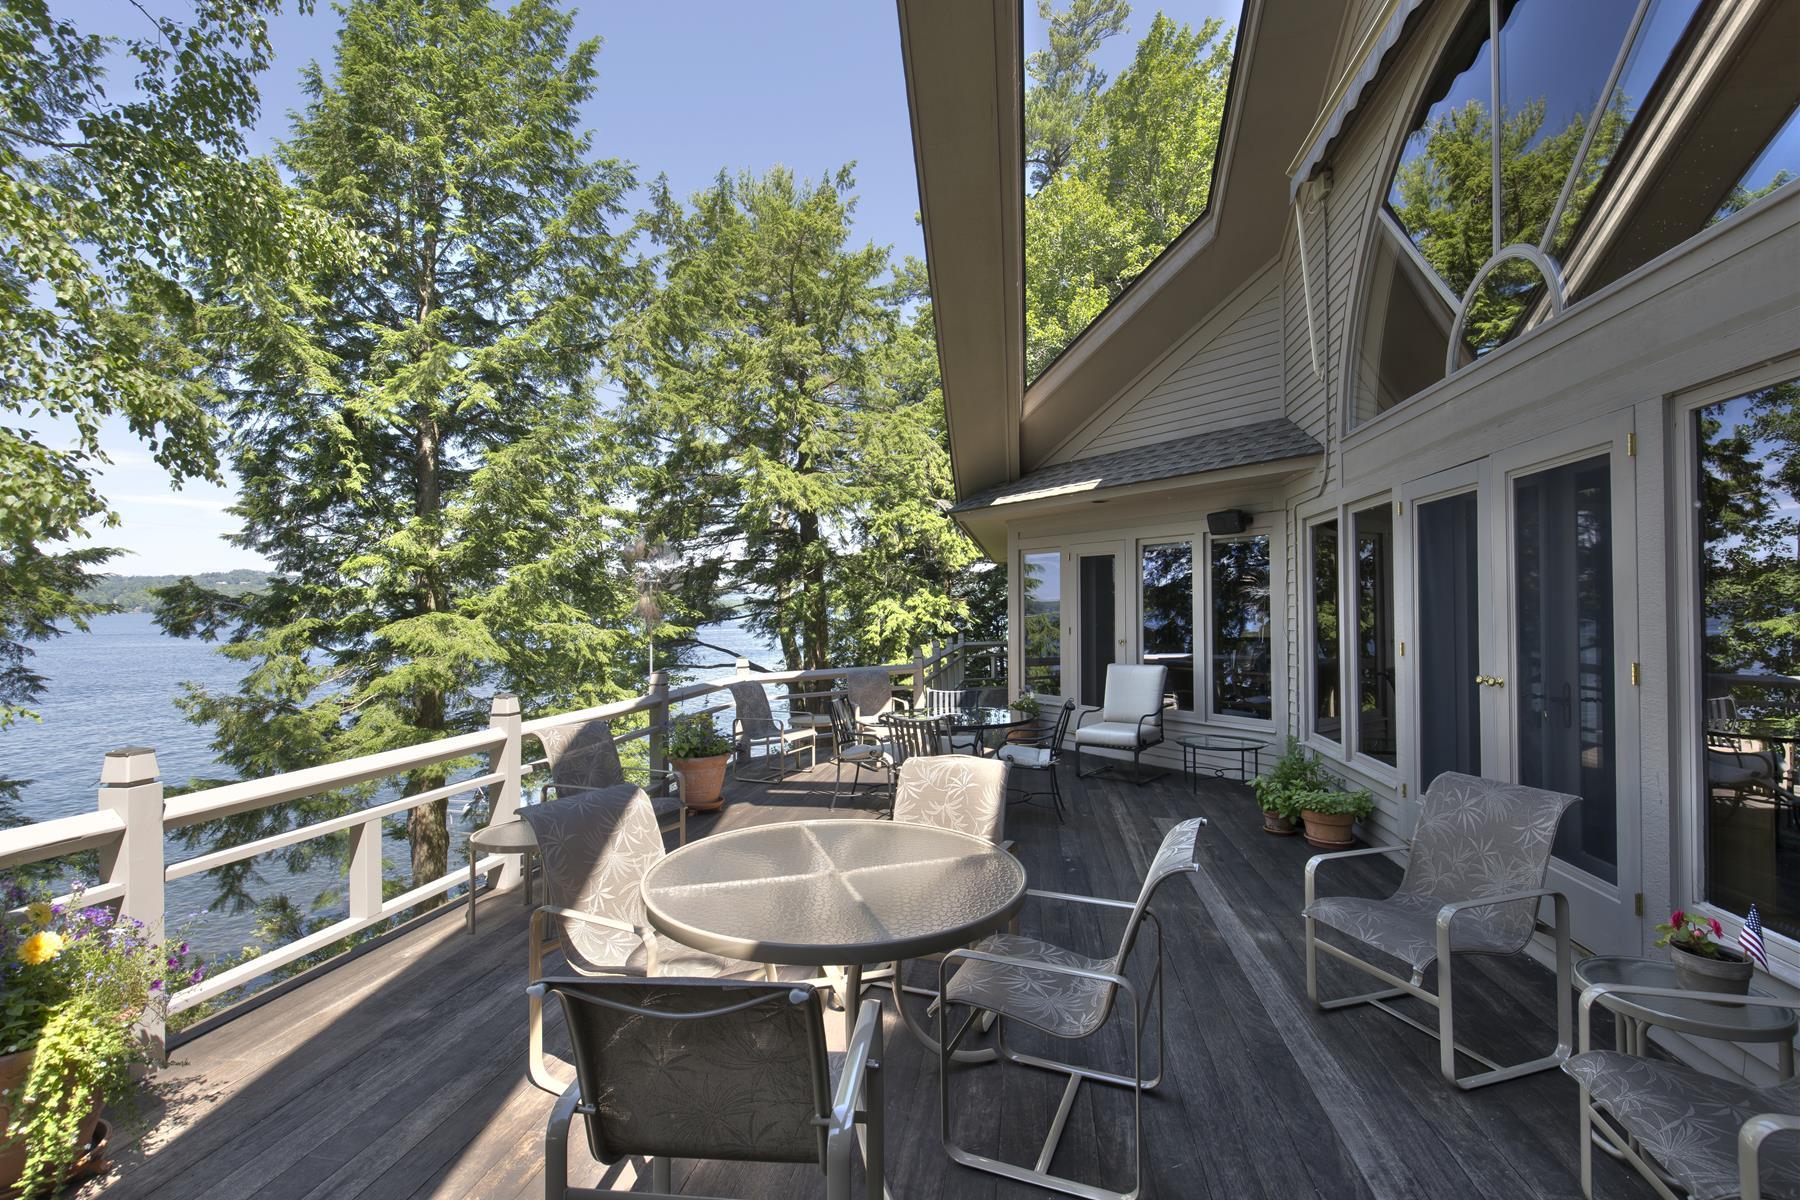 Villa per Vendita alle ore 133 Lighthouse View Road, New London 133 Lighthouse View Rd New London, New Hampshire 03257 Stati Uniti